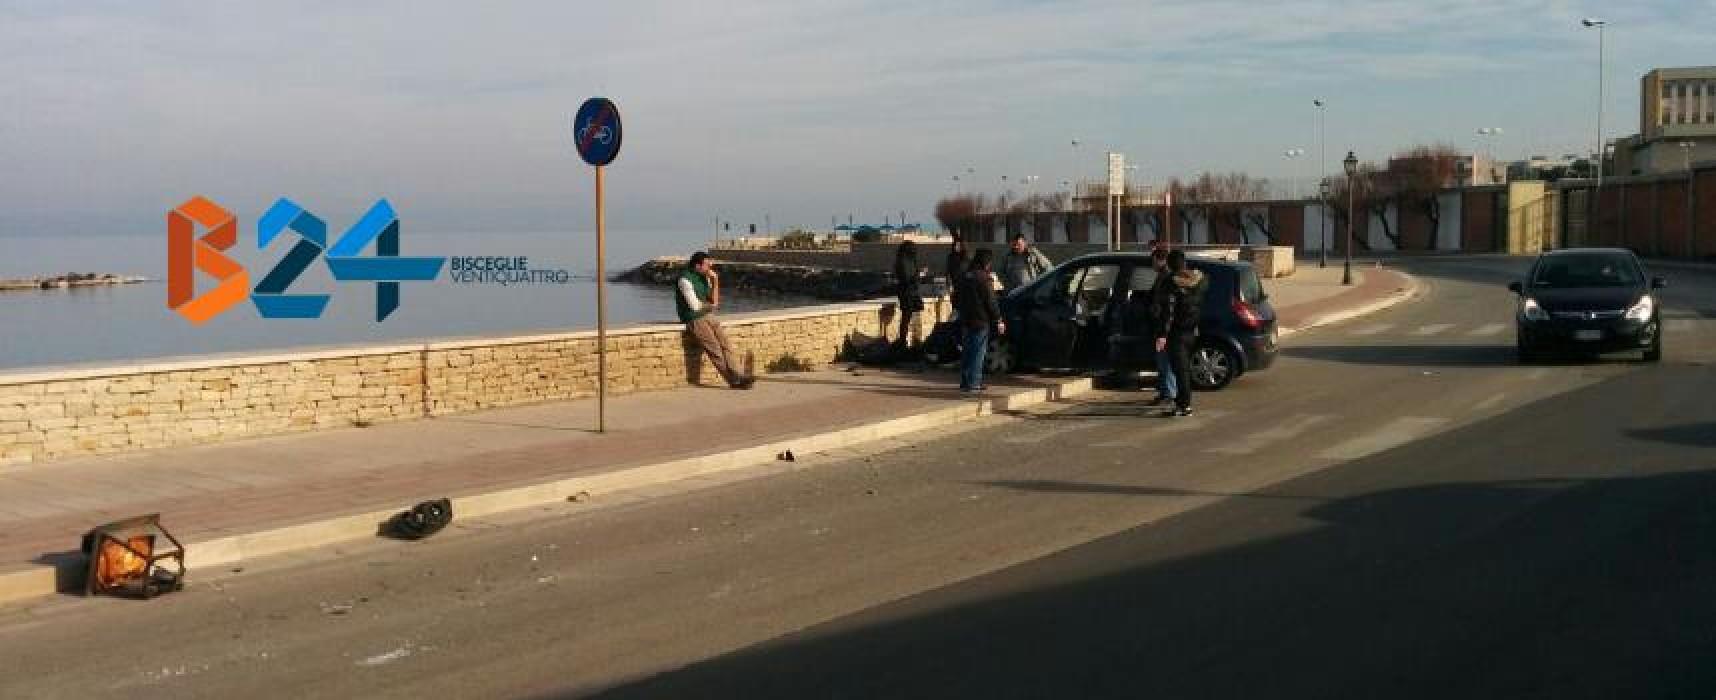 Incidente su via della Libertà, distrutto un palo dell'illuminazione pubblica /FOTO